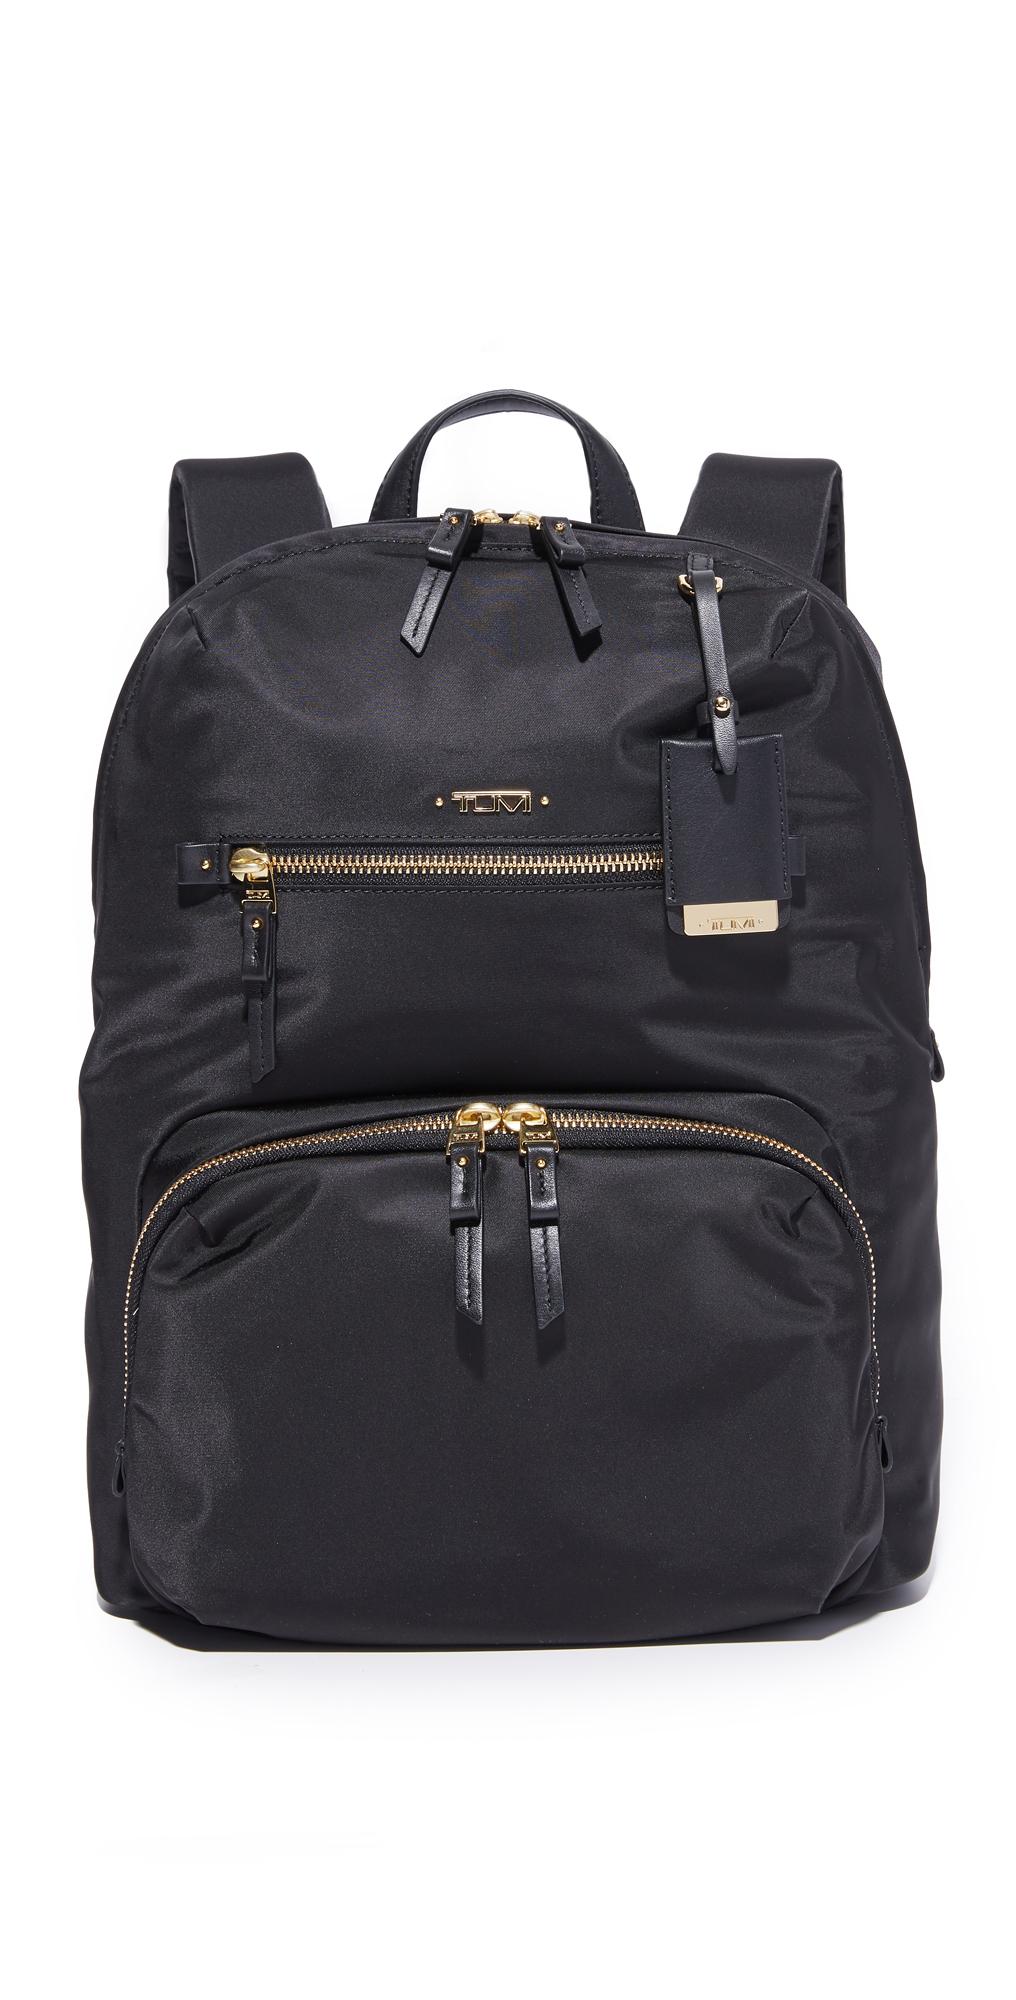 Halle Backpack Tumi